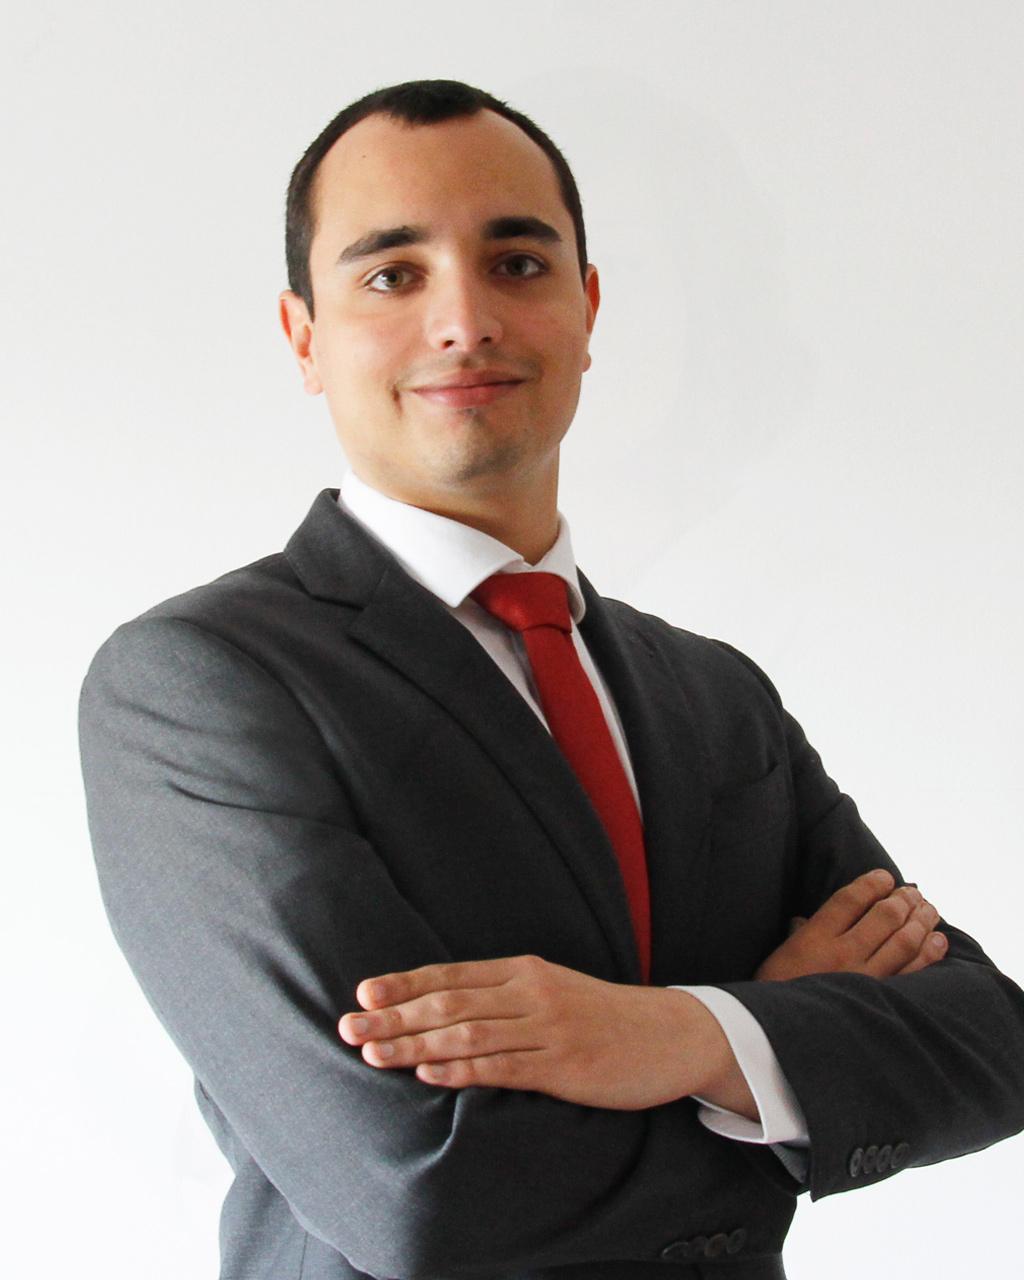 Francisco Miguel Figueiredo